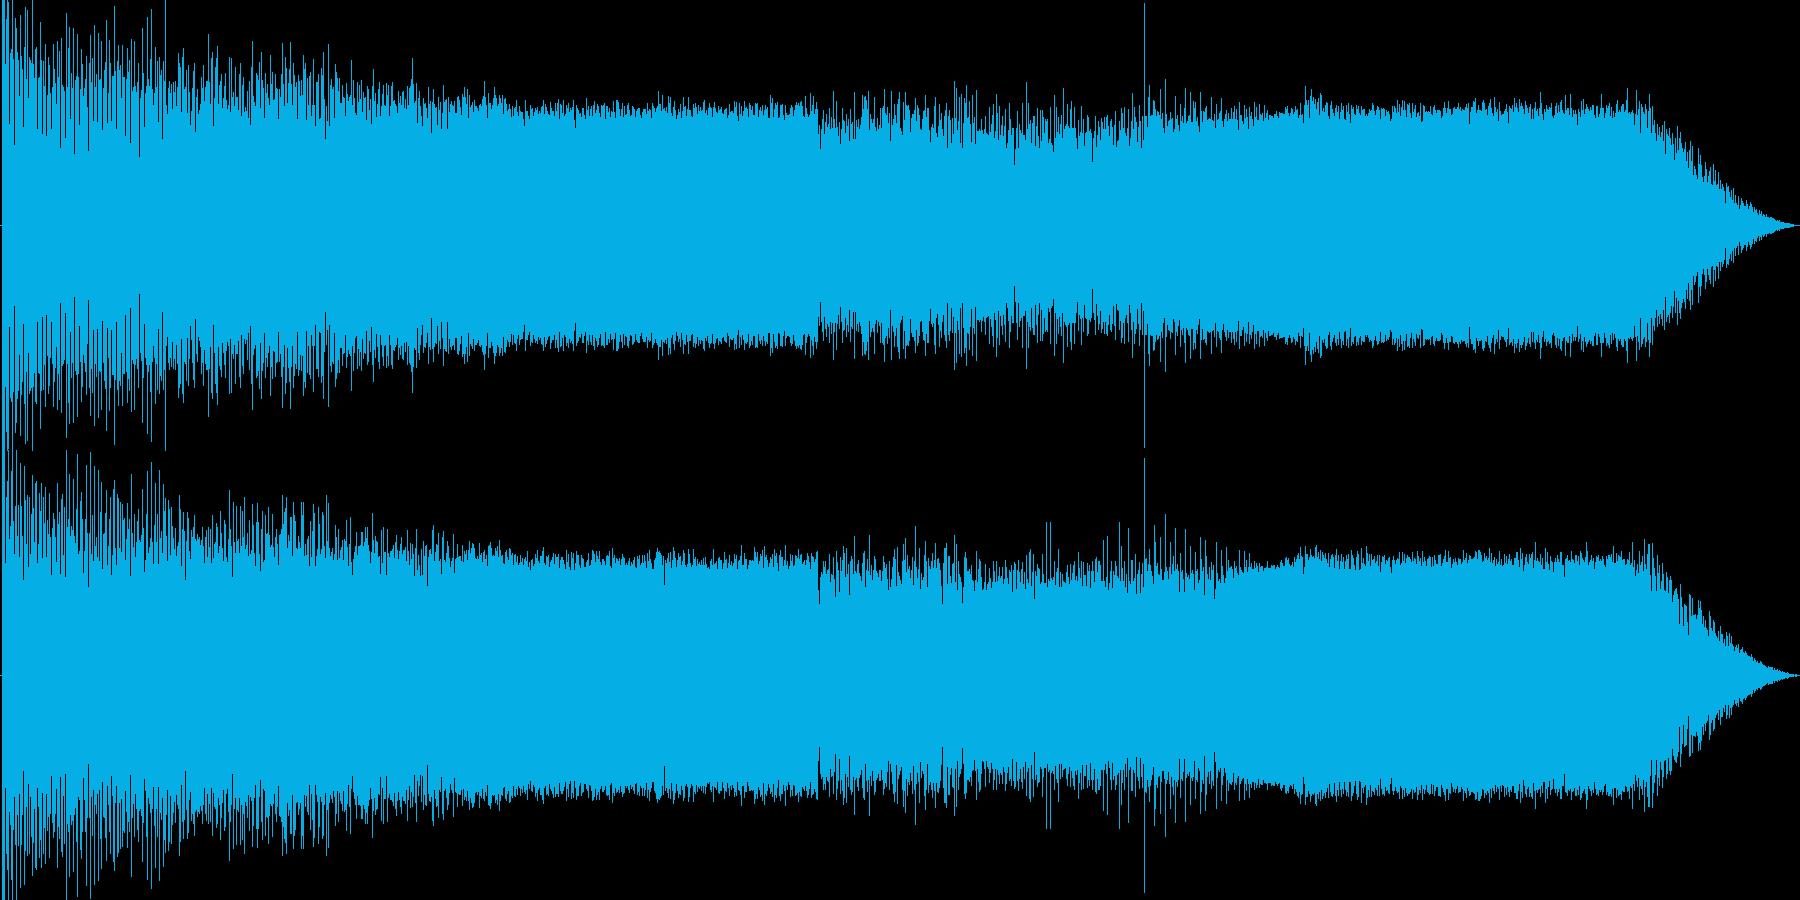 現代的なイメージの再生済みの波形